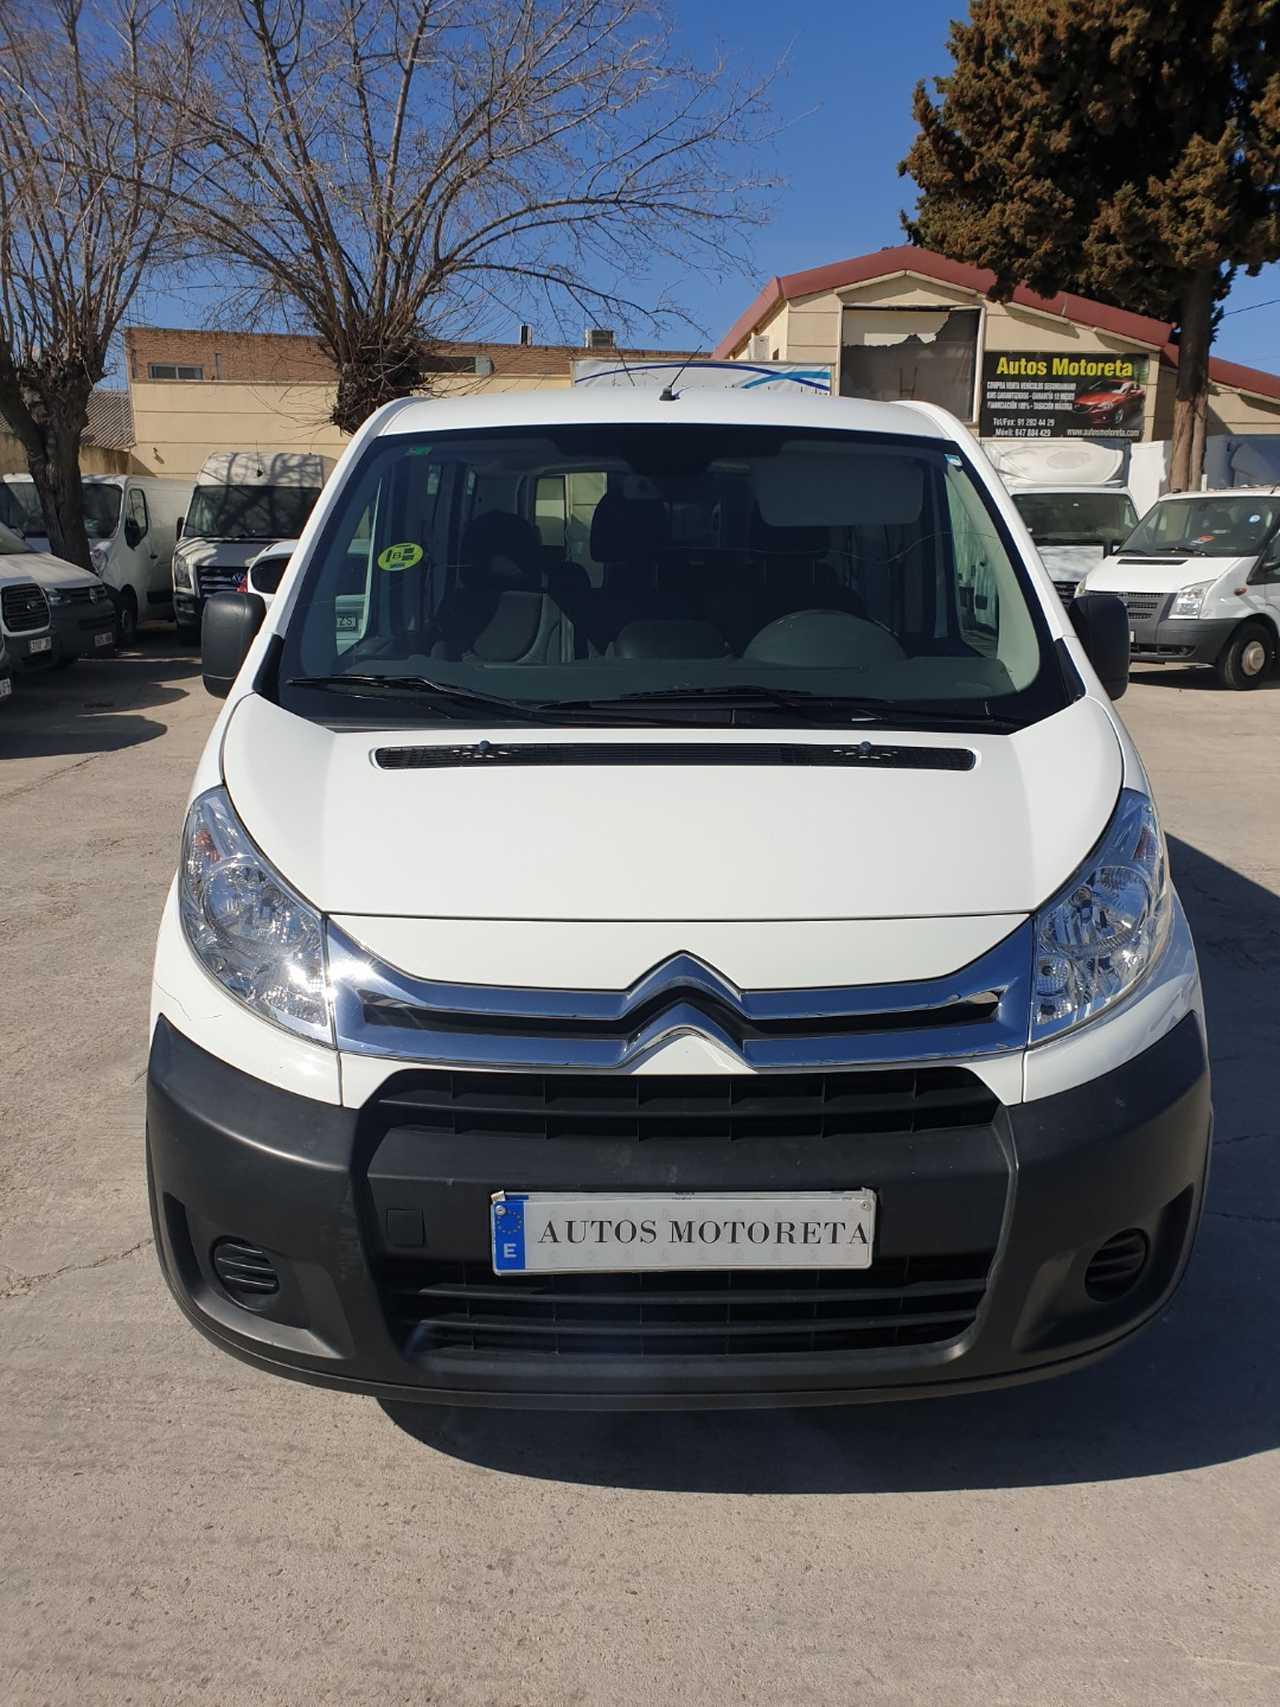 Citroën Jumpy 2.0 120 CV 6 PLAZAS   - Foto 1